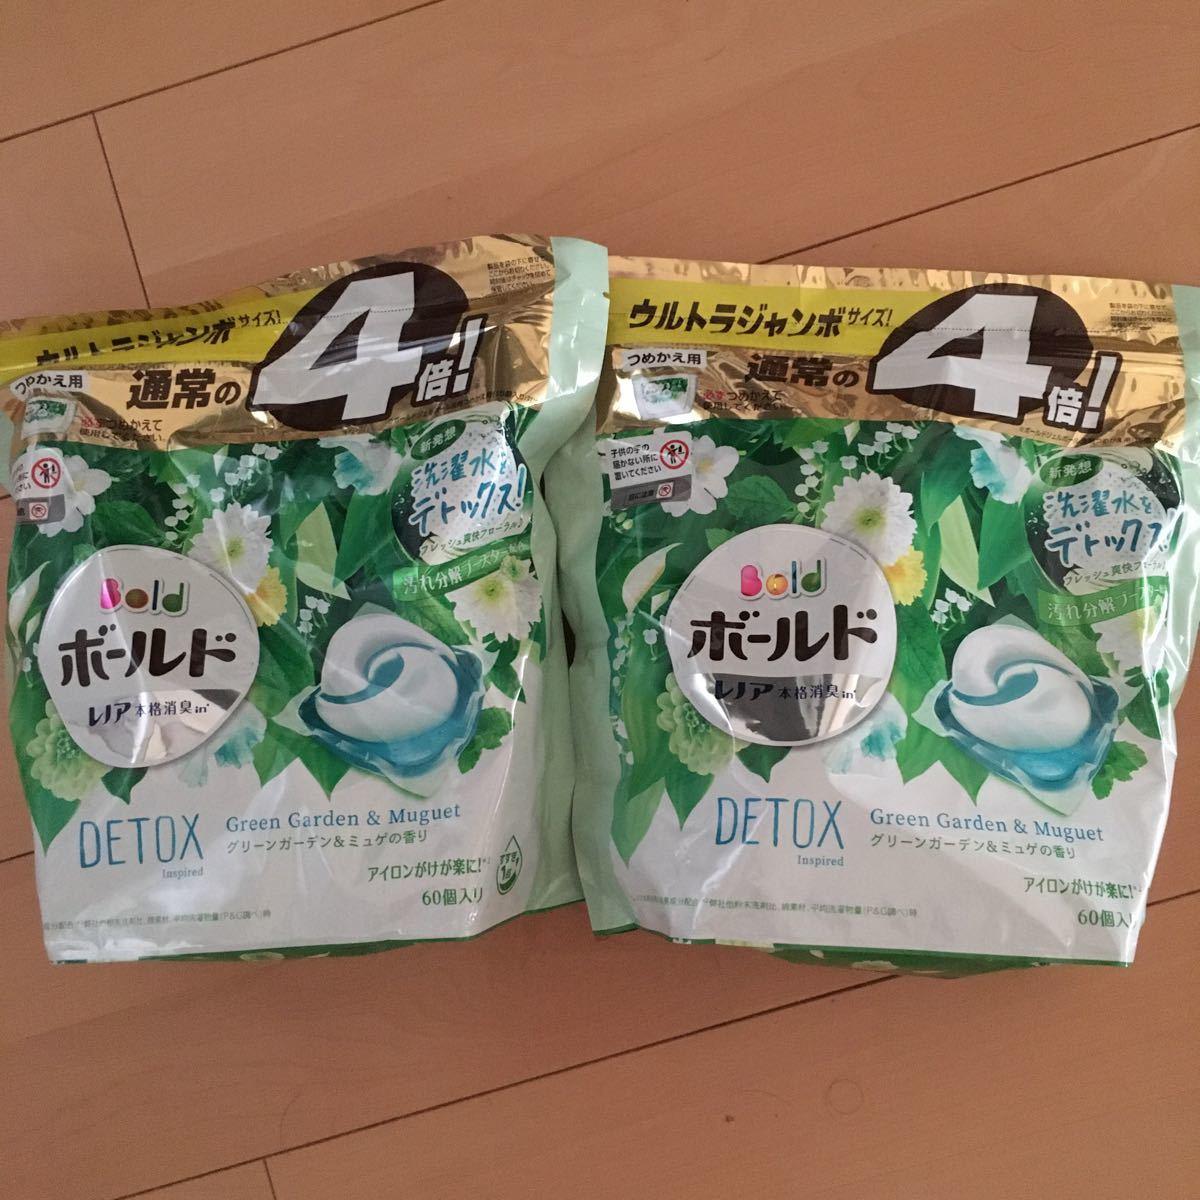 ボールド ジェルボール3D グリーンガーデン&ミュゲの香り 詰め替え ウルトラジャンボ 1セット(60粒入×2) 洗濯洗剤 P&G